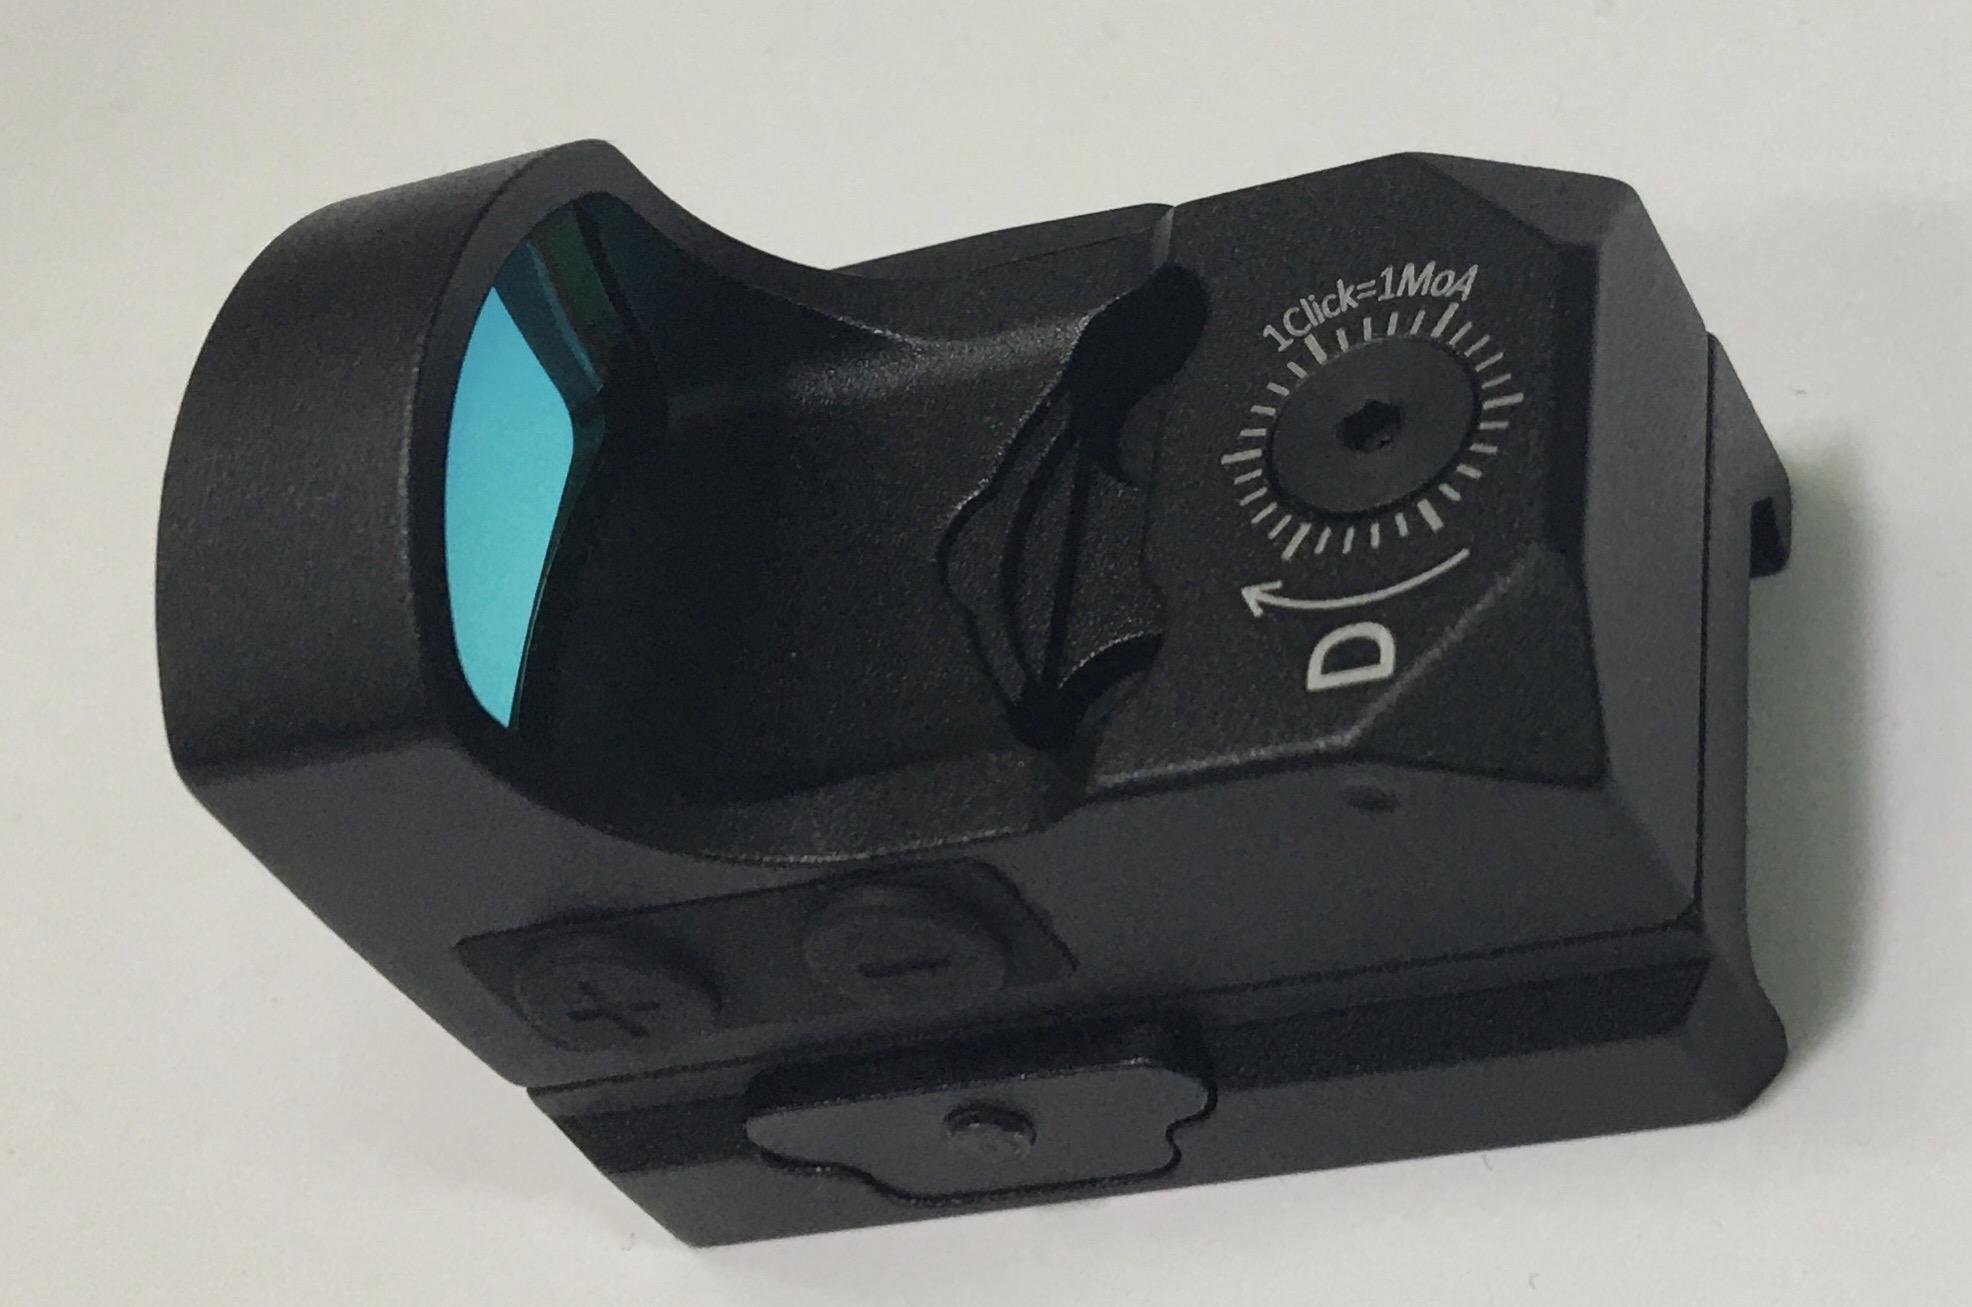 Reflexvisiere, Leuchtpunktvisiere und red Dots sind vom Aufbau und Prinzip das gleiche und dienen der schnellen Zielerfassung